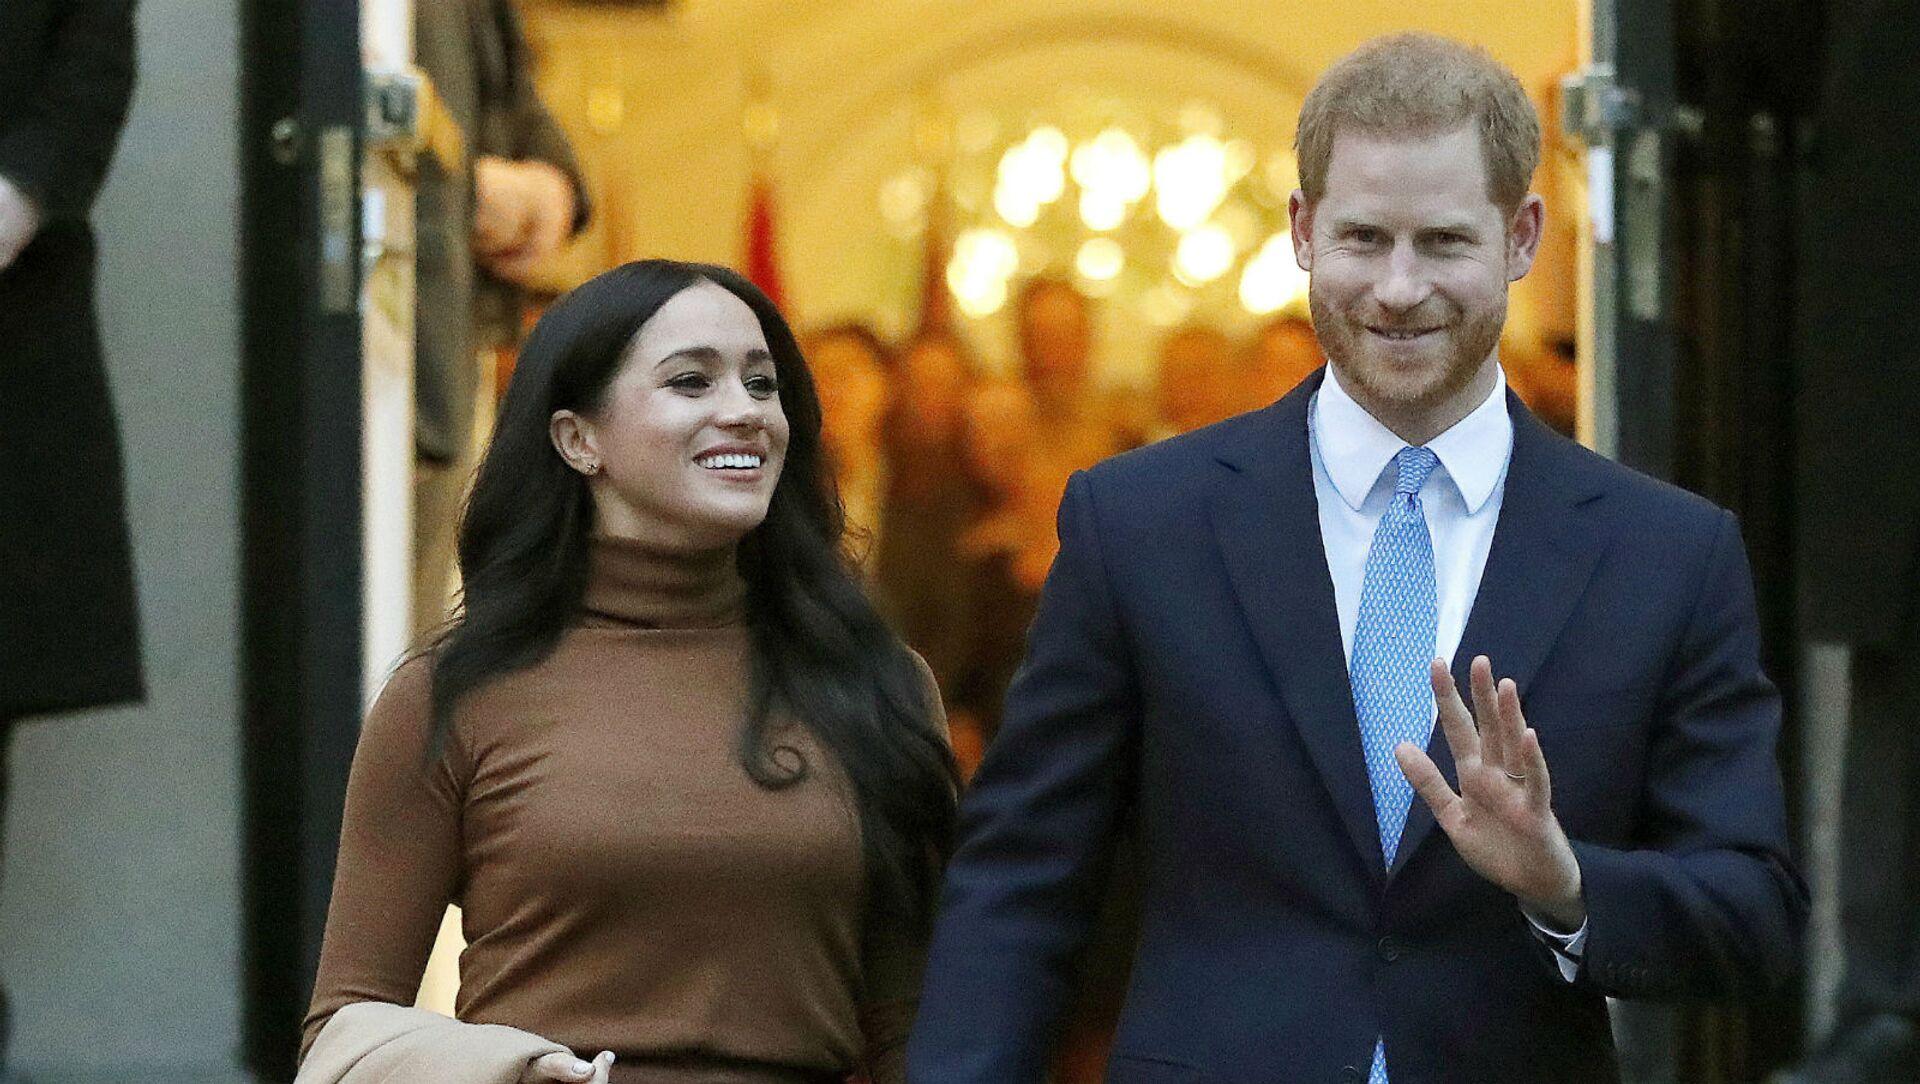 Британский принц Гарри и Меган, герцогиня Сассекская, покидают Canada House (7 января 2020). Лондон - Sputnik Армения, 1920, 01.03.2021